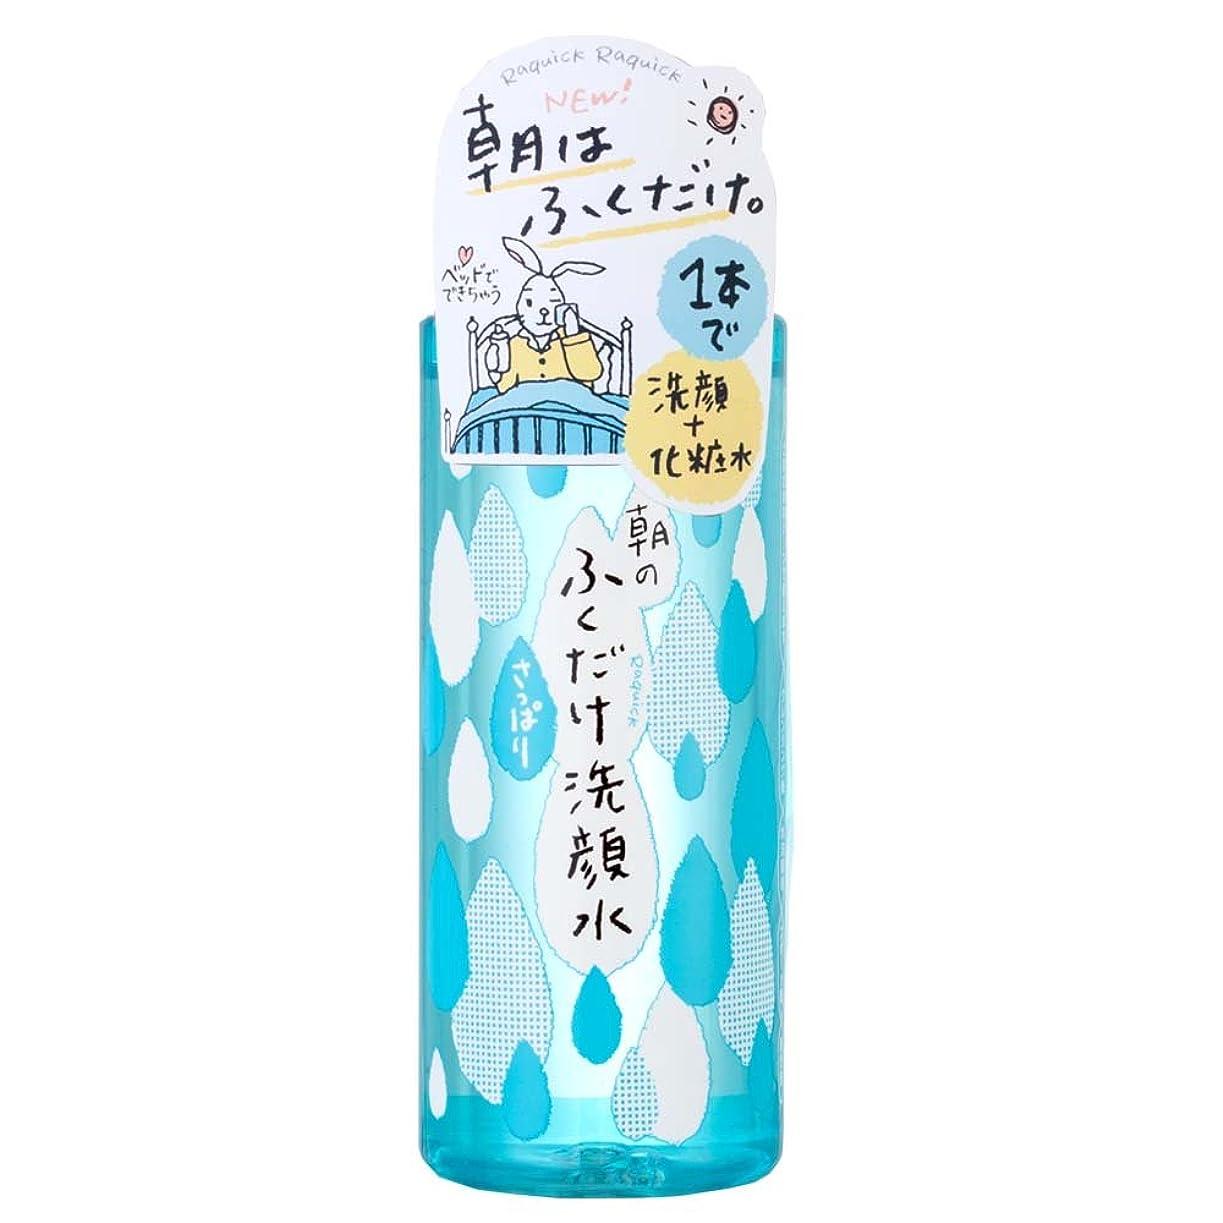 辛い誤潮ラクイック 朝のふくだけ洗顔水 さっぱり 310mL